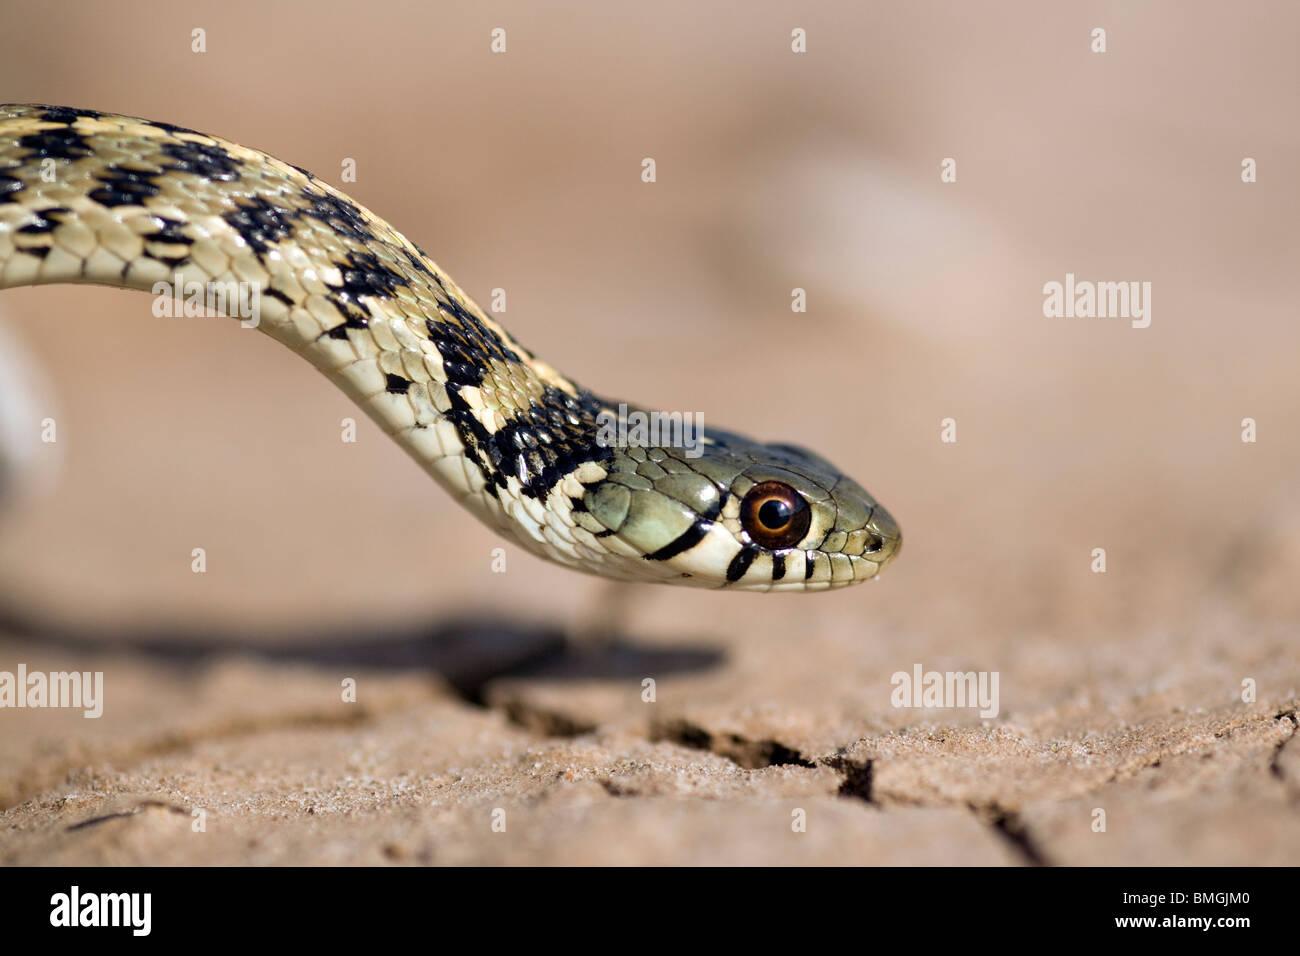 Accidentada Garter Snake - Los Novios Ranch - Cerca de Cotulla, Texas, EE.UU. Imagen De Stock